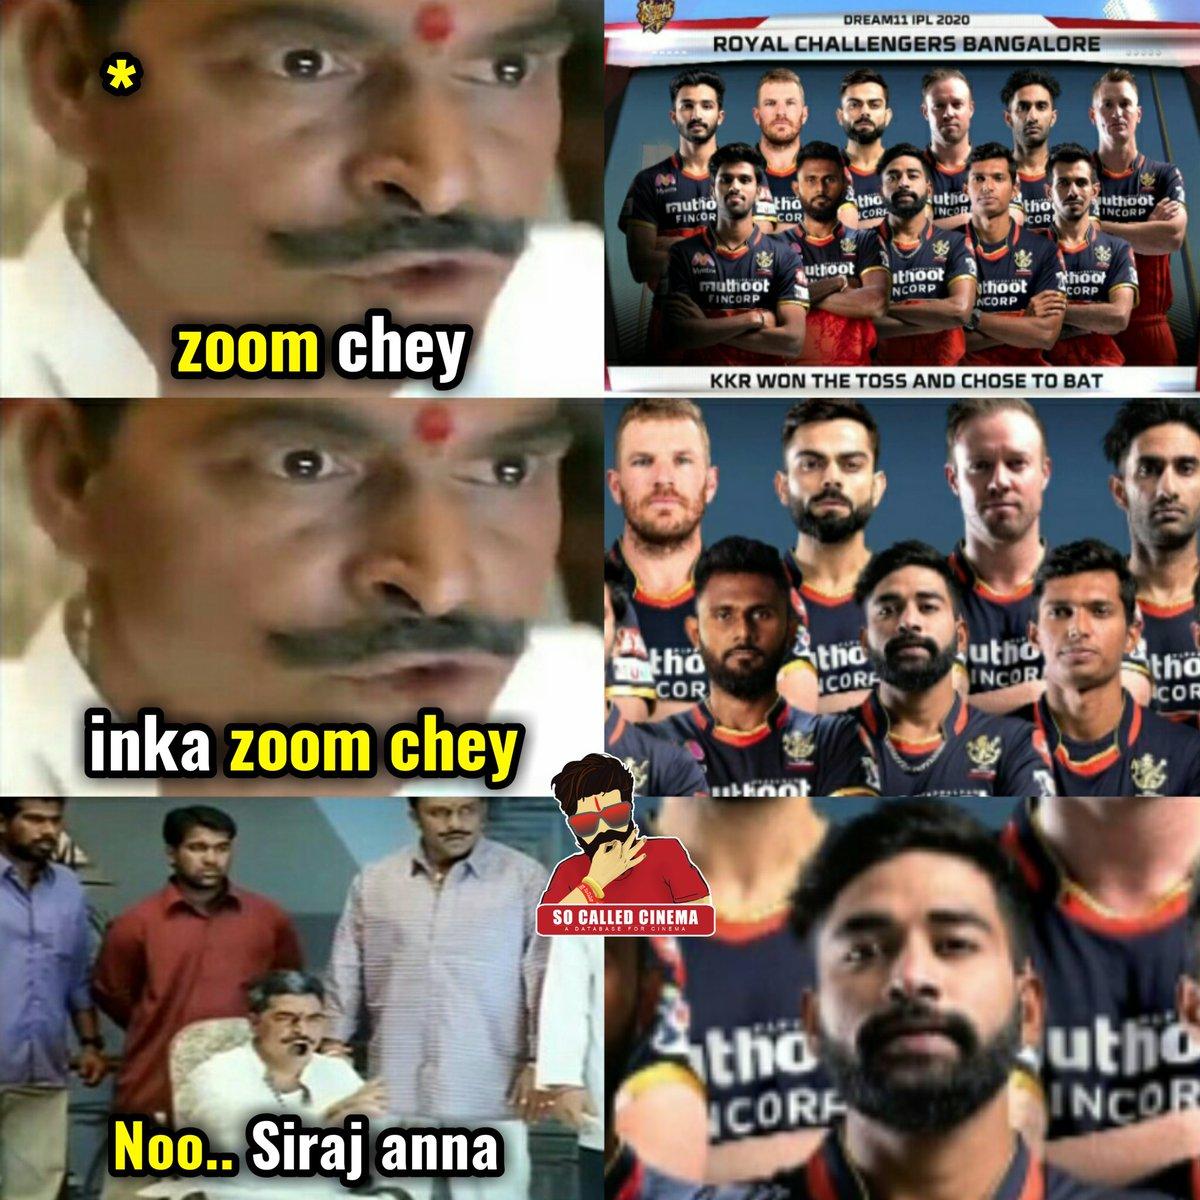 Mohammed Siraj comes in for Shahbaz Ahmed.   #IPL2020 #Dream11IPL #WeAreChallengers #KKRvRCB #SoCalledCinema https://t.co/L5JgIWuV1H